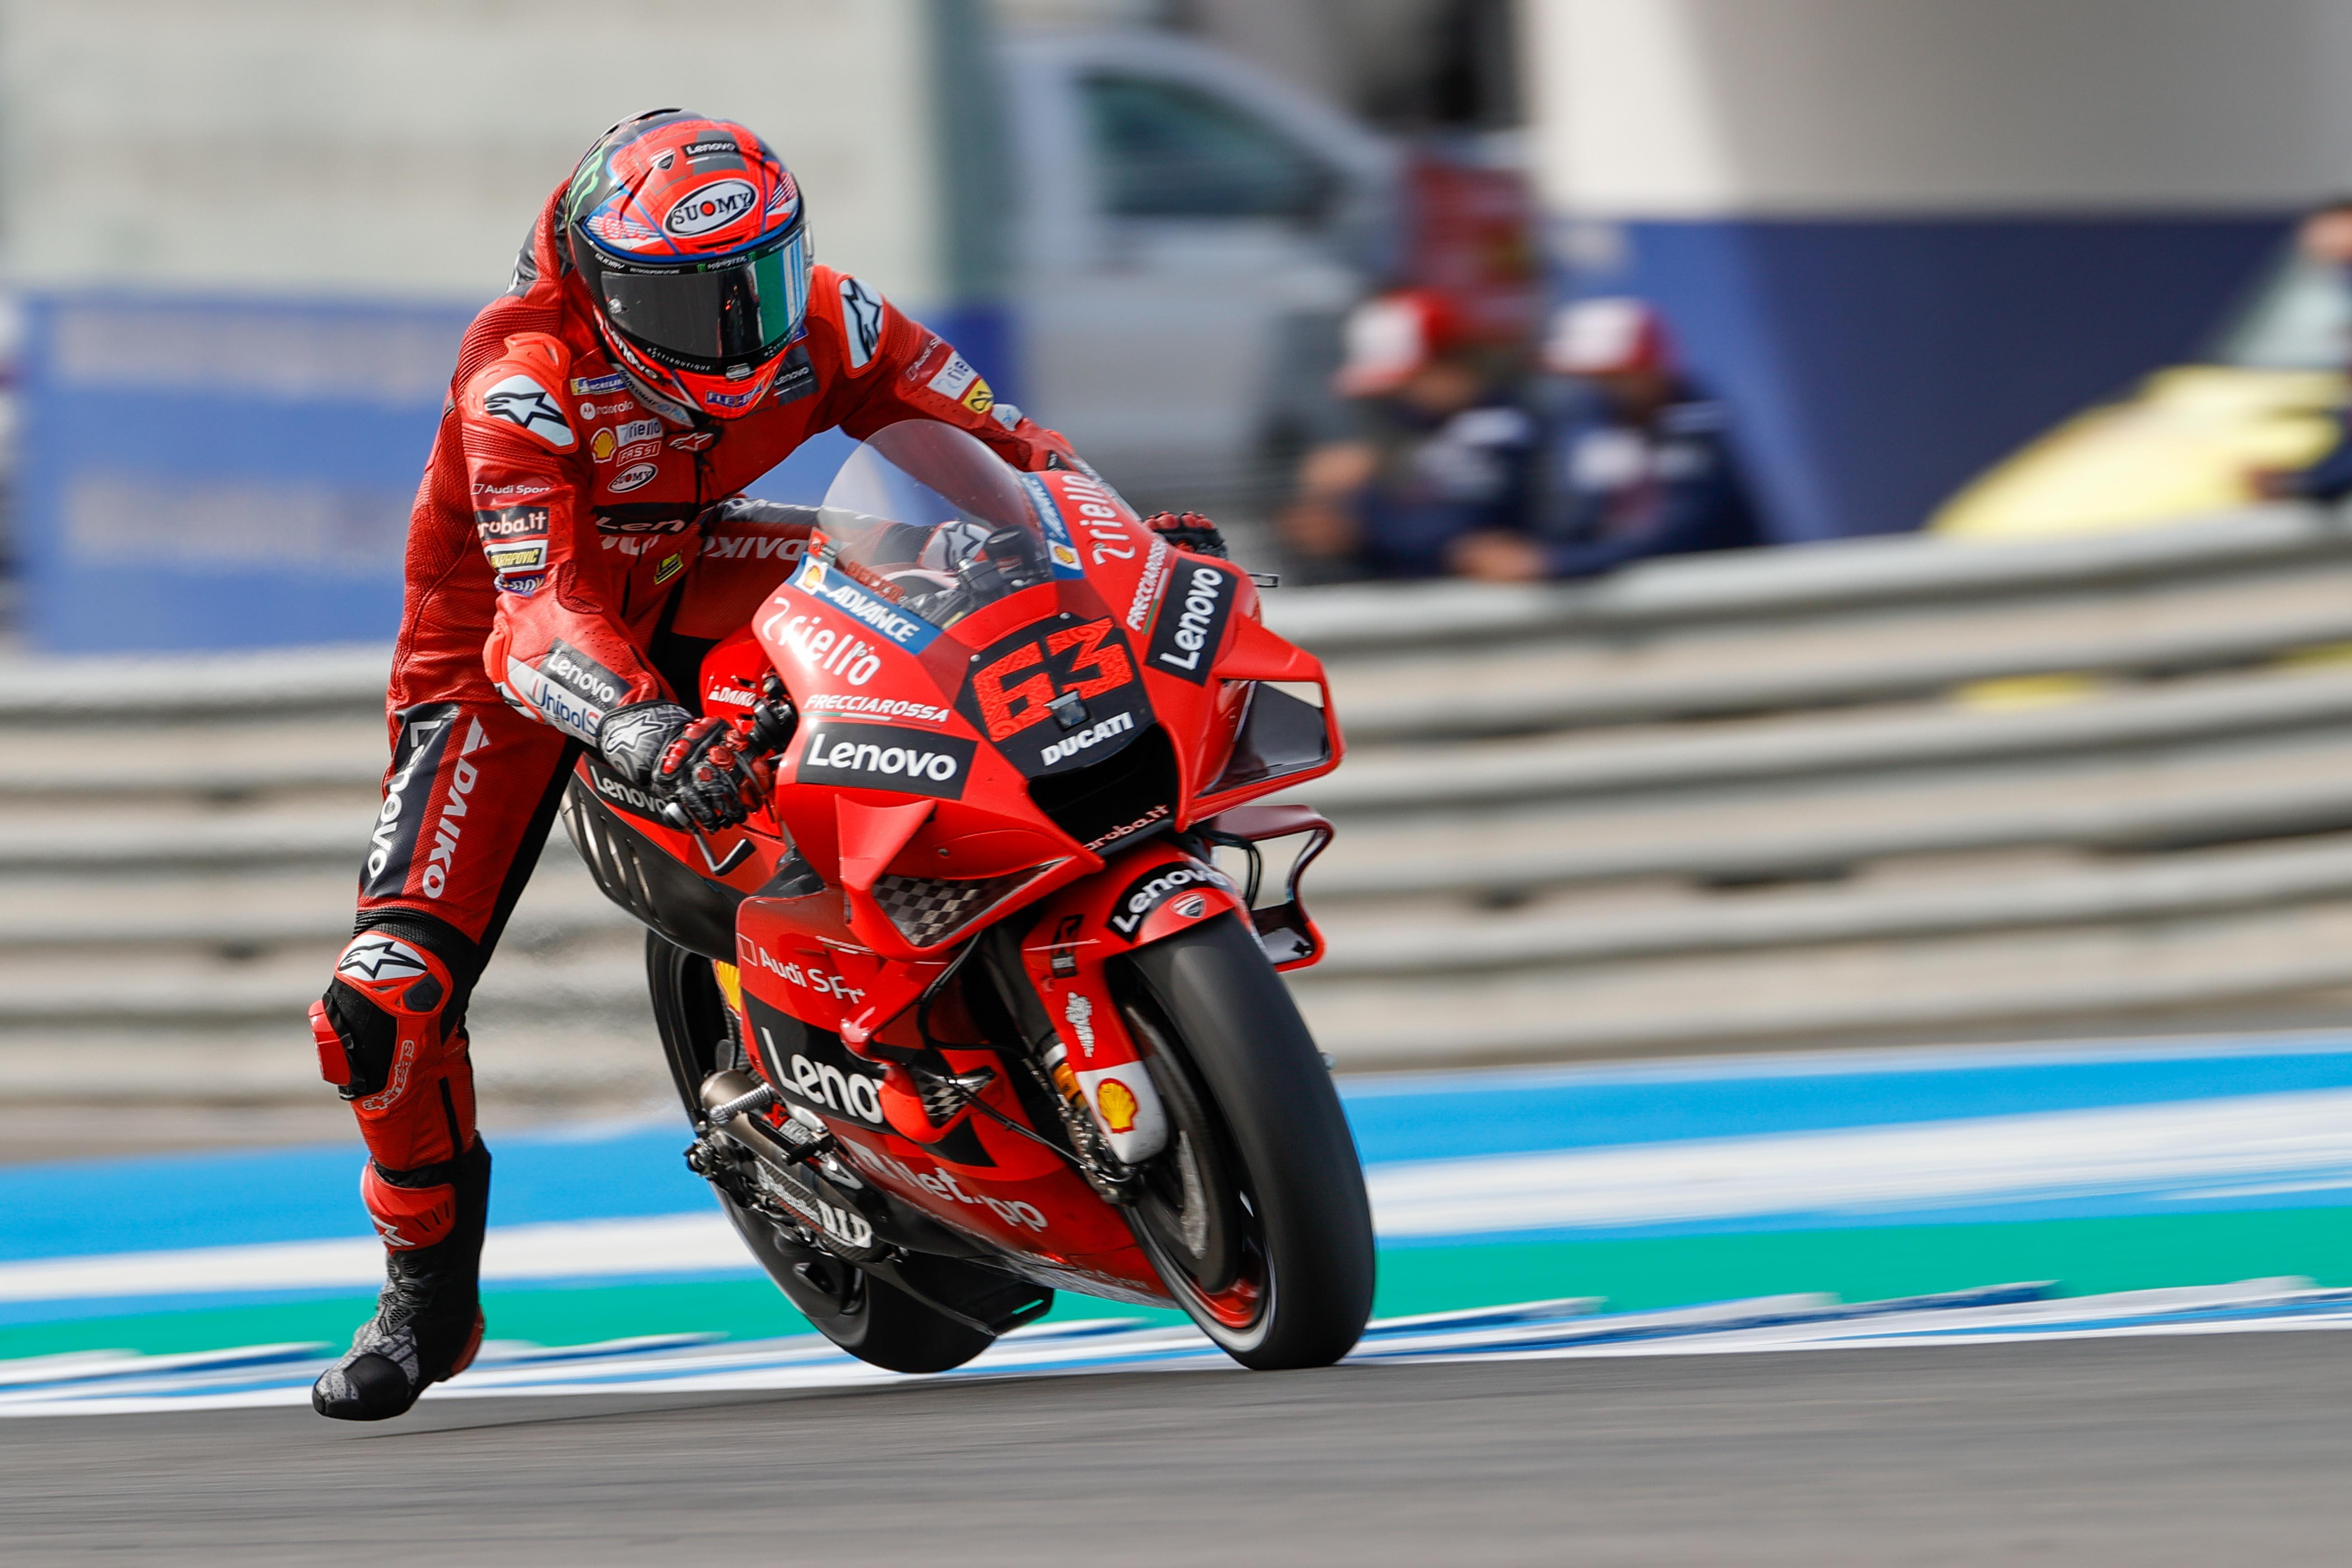 Bagnaia marca el ritmo en los libres con Marc Márquez décimo sexto en MotoGP